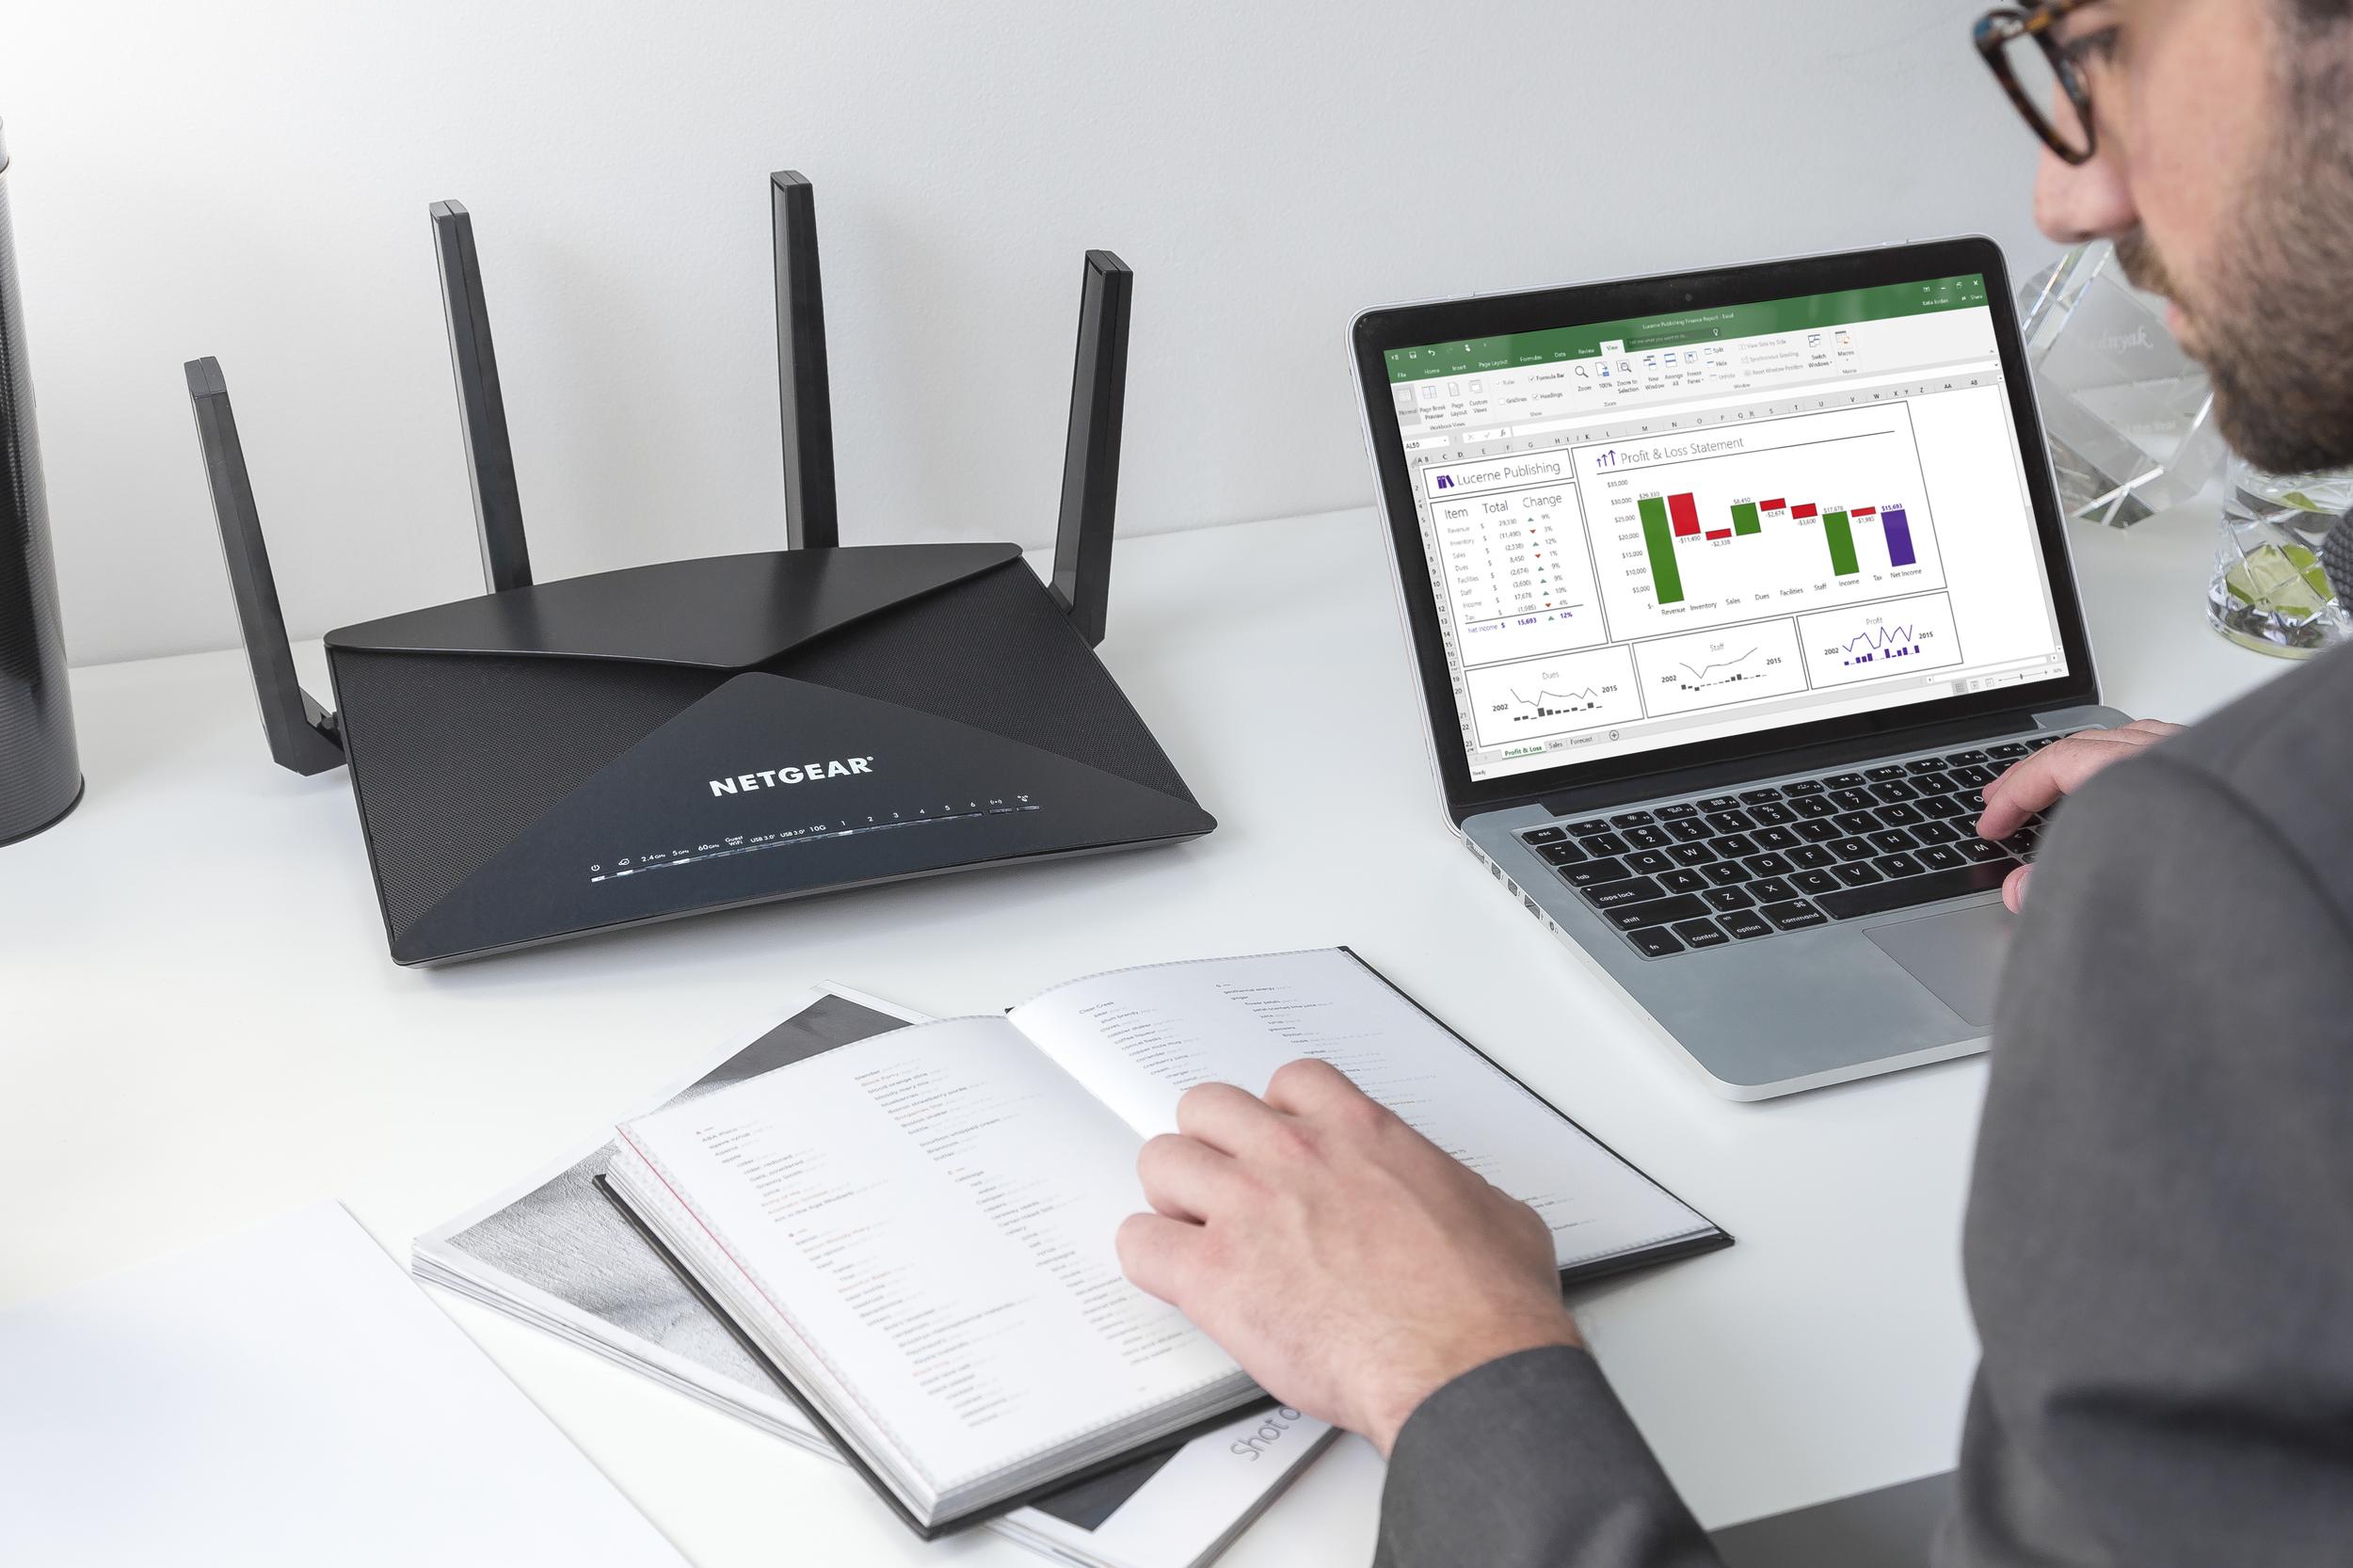 netgear, router, nighthawk, nighthawk x10 ad7200